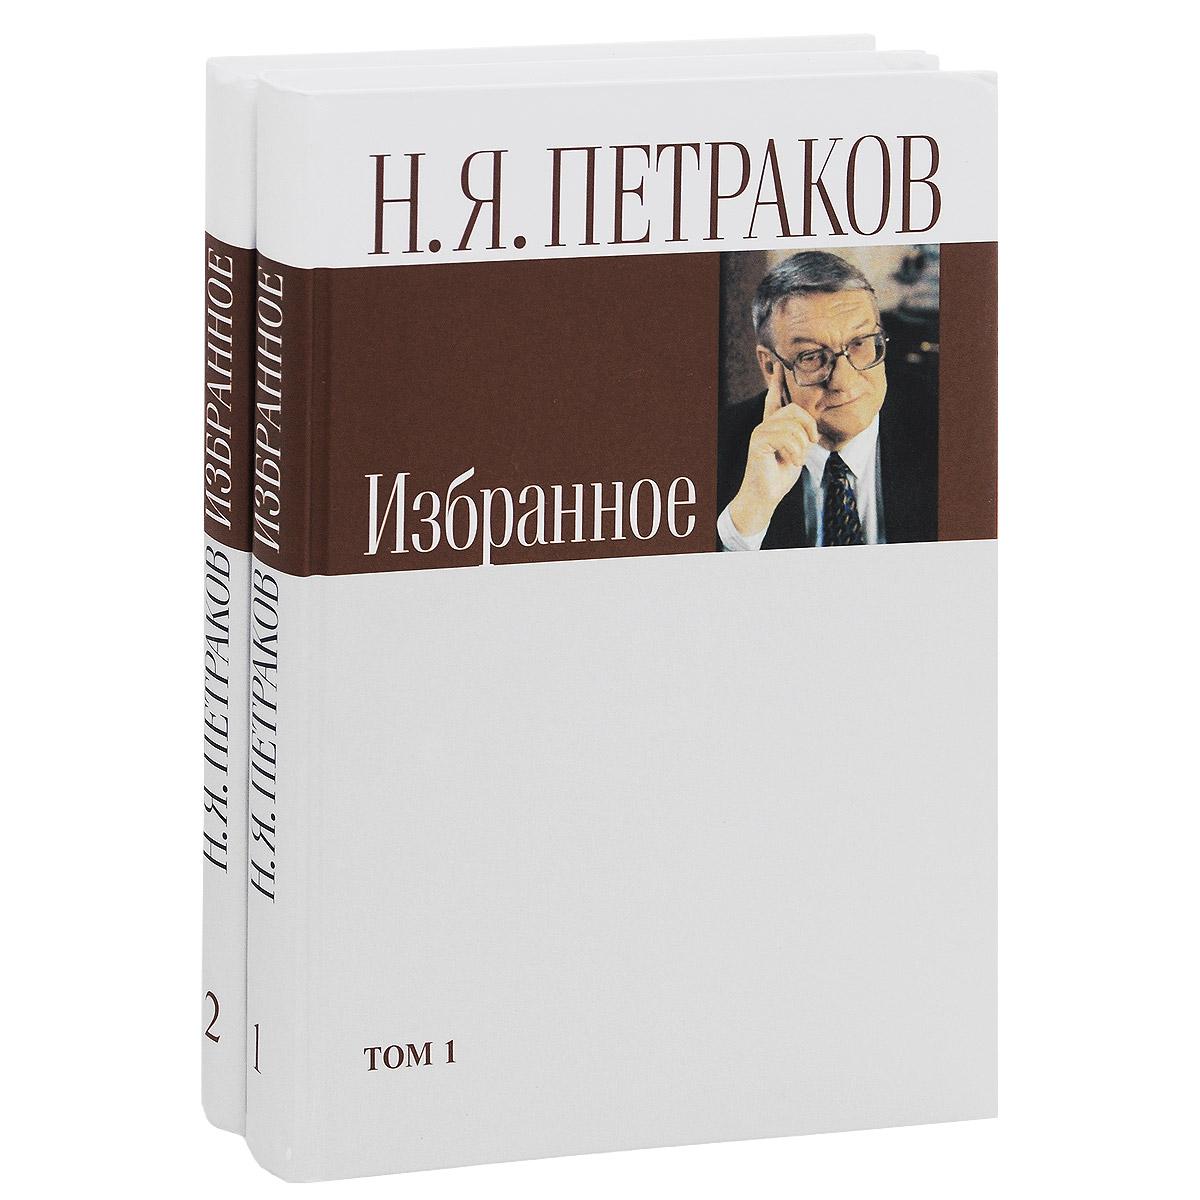 Н. Я. Петраков. Избранное. В 2 томах (комплект)